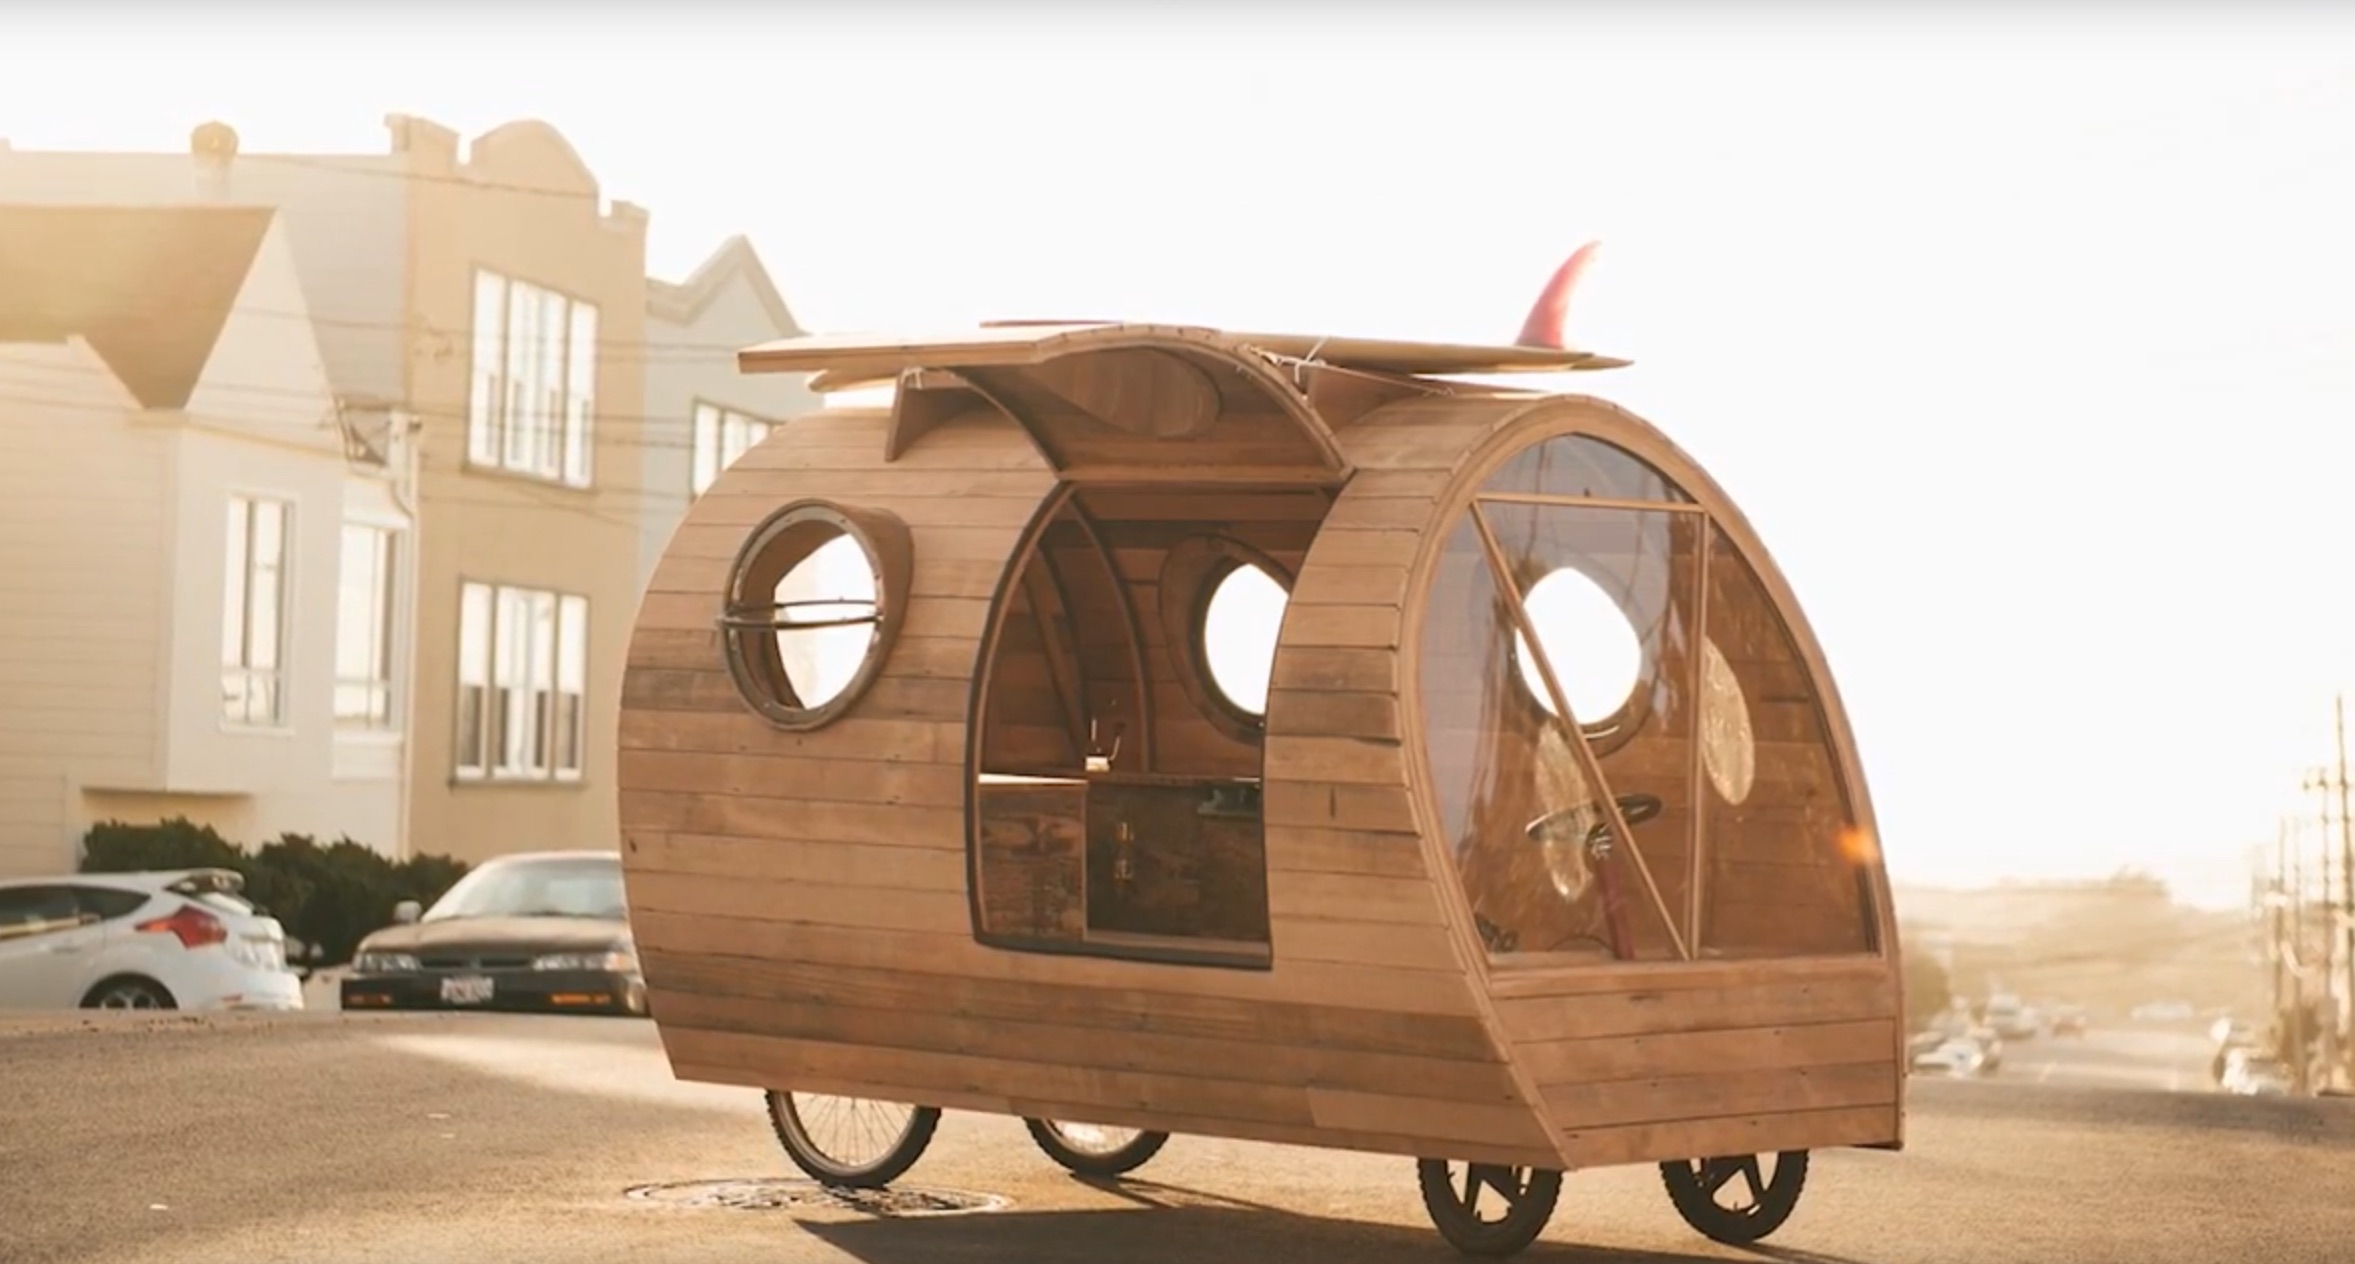 Jay Nelson und der Weg zum eigenen Camperausbau